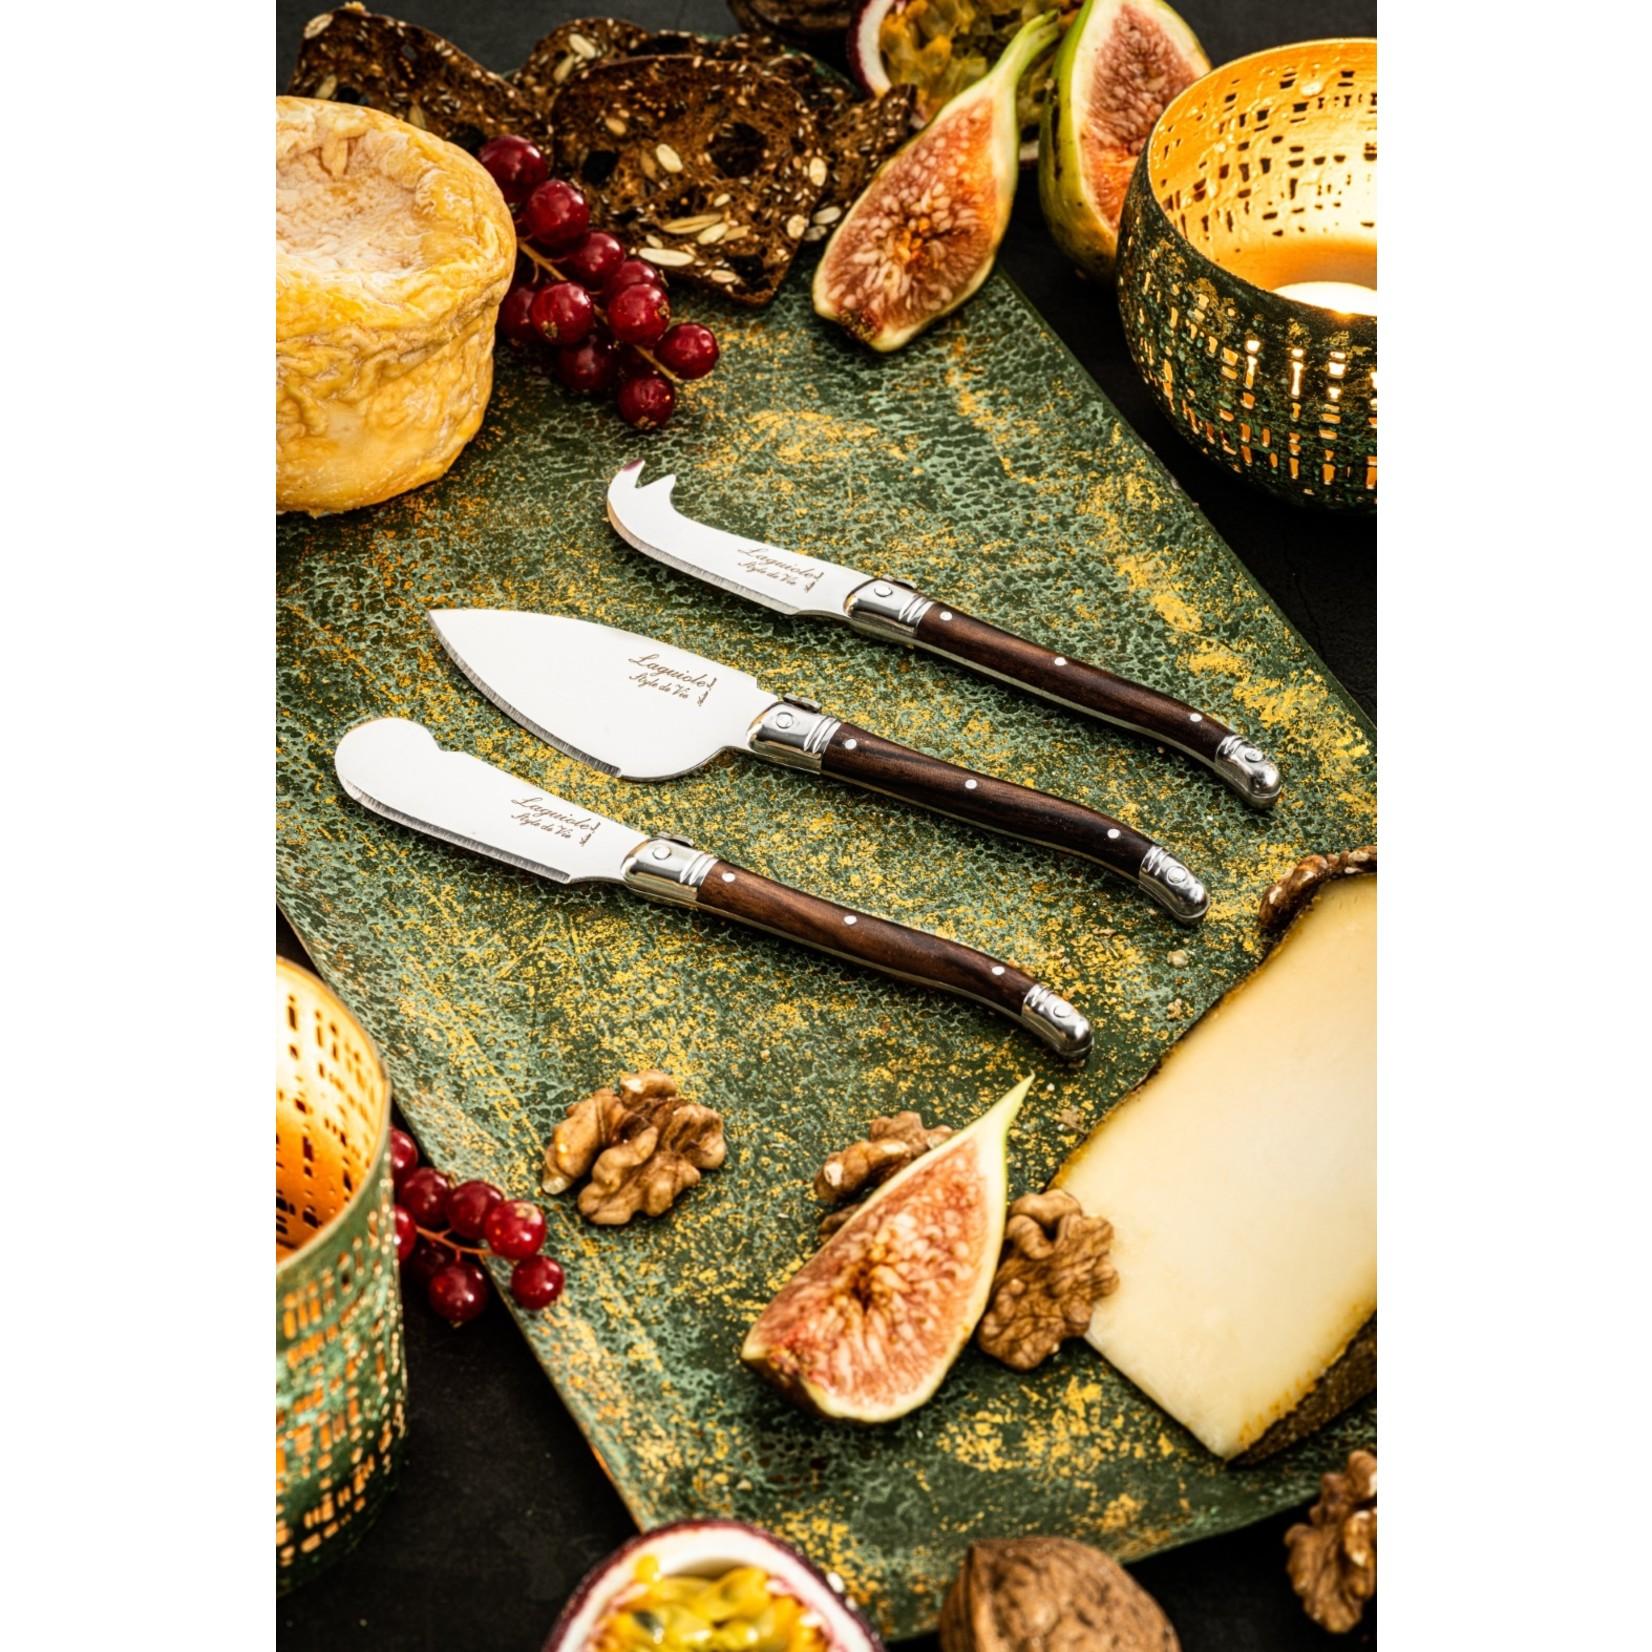 Laguiole Style de Vie Laguiole Style de Vie Premium Line kaasmessenset 3-delig darkwood